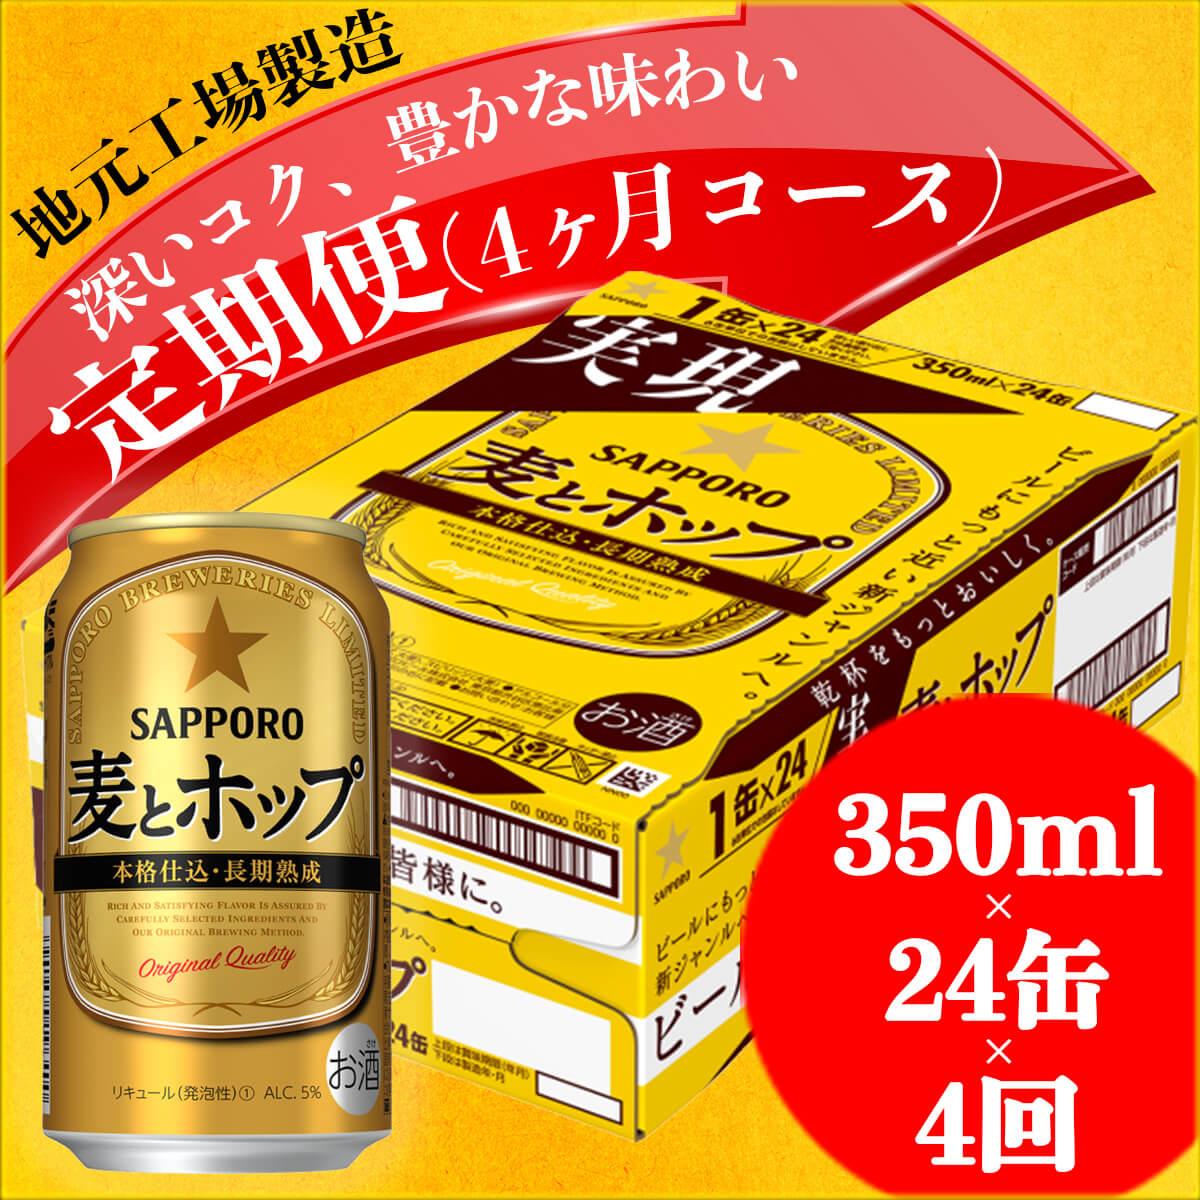 地元名取生産 麦とホップ 350ml 24缶を4回お届け